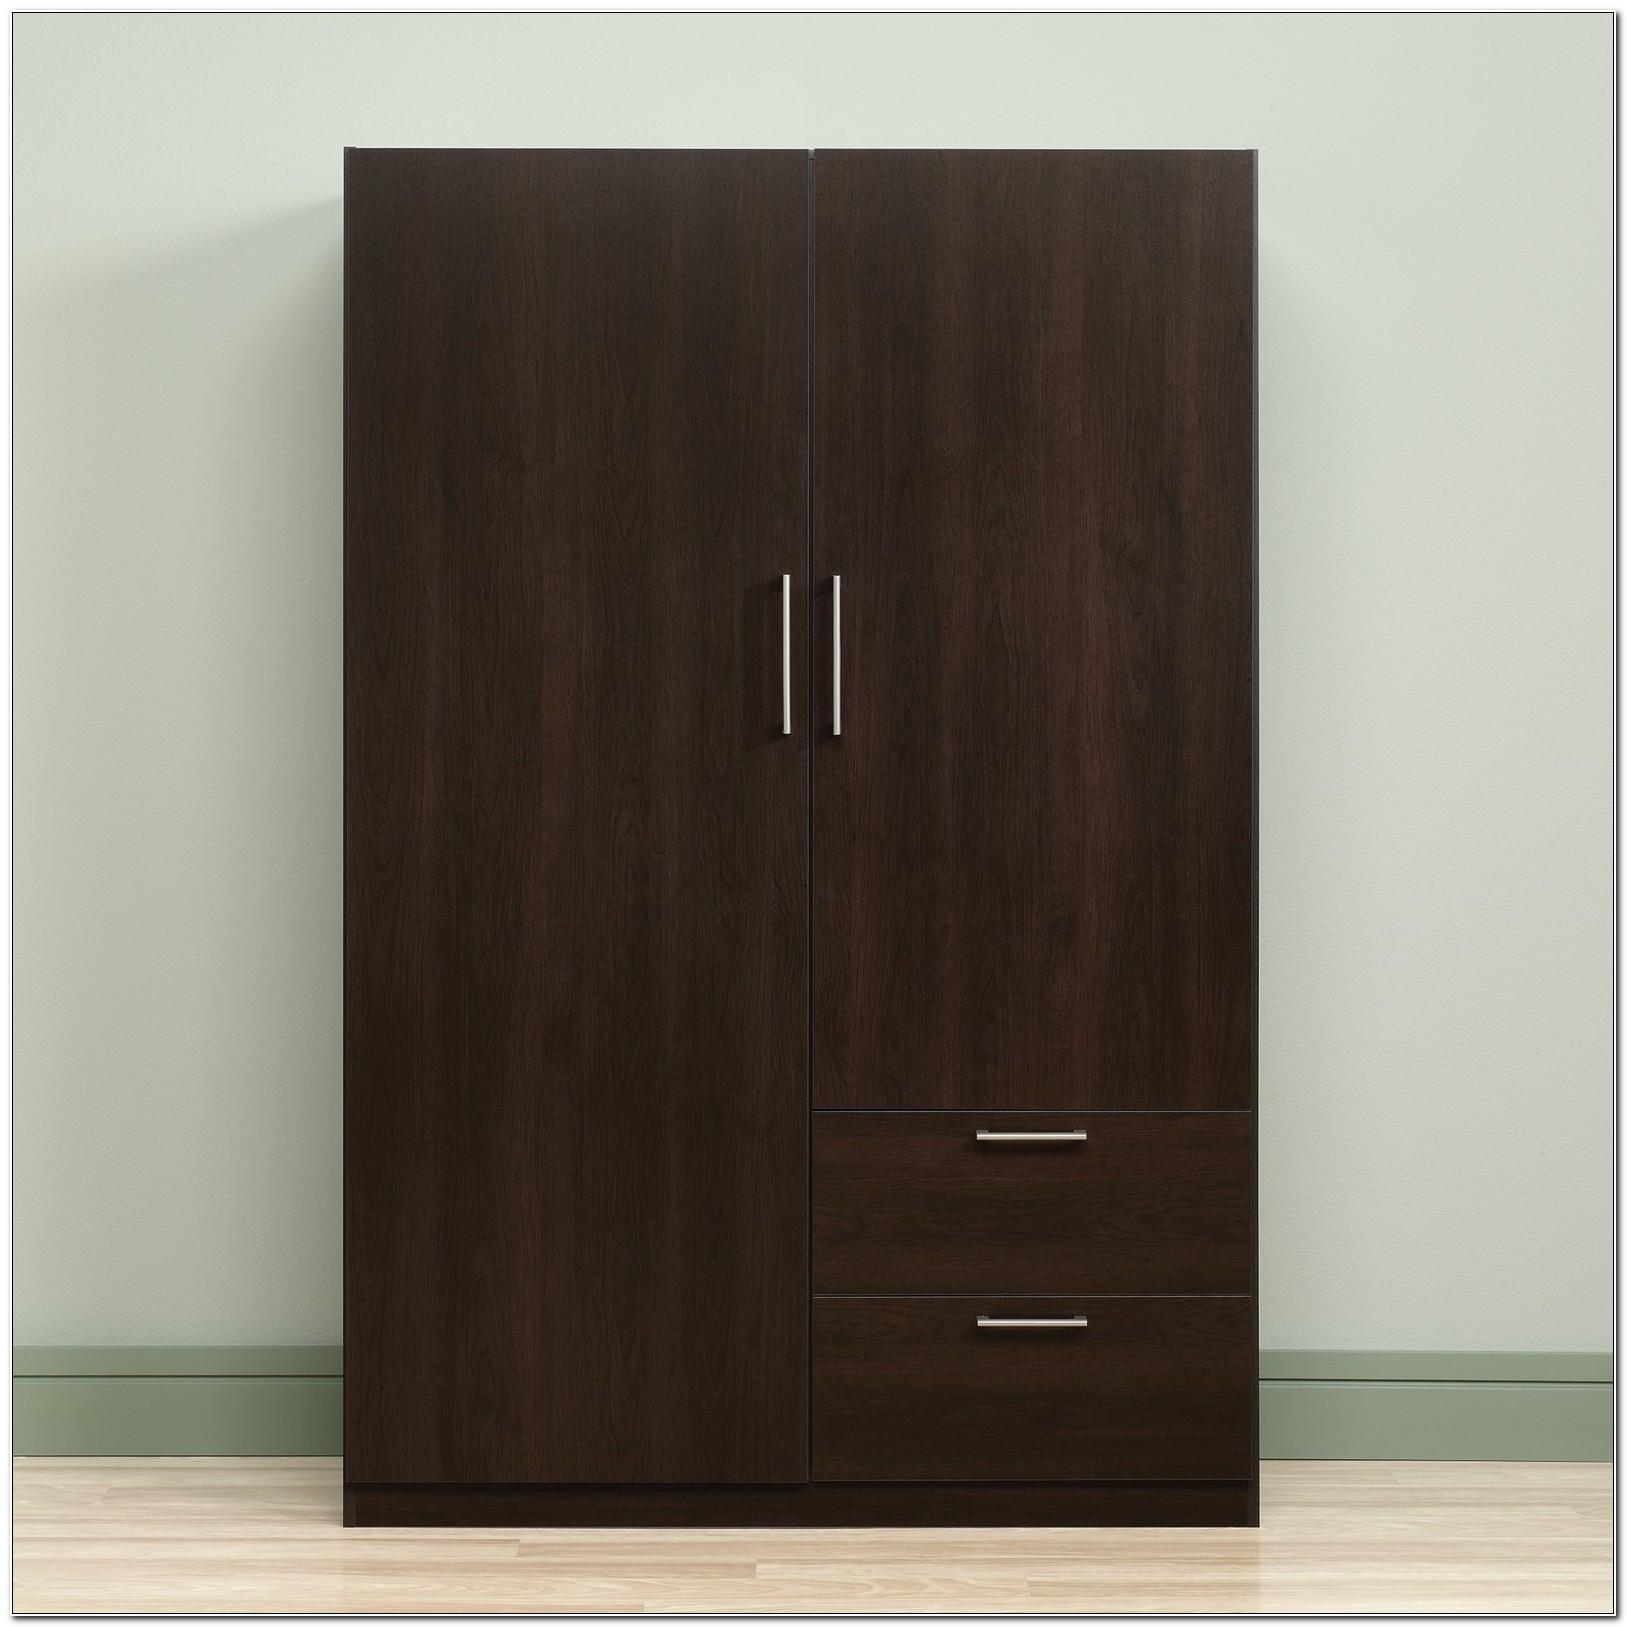 Sauder Large Wardrobestorage Cabinet